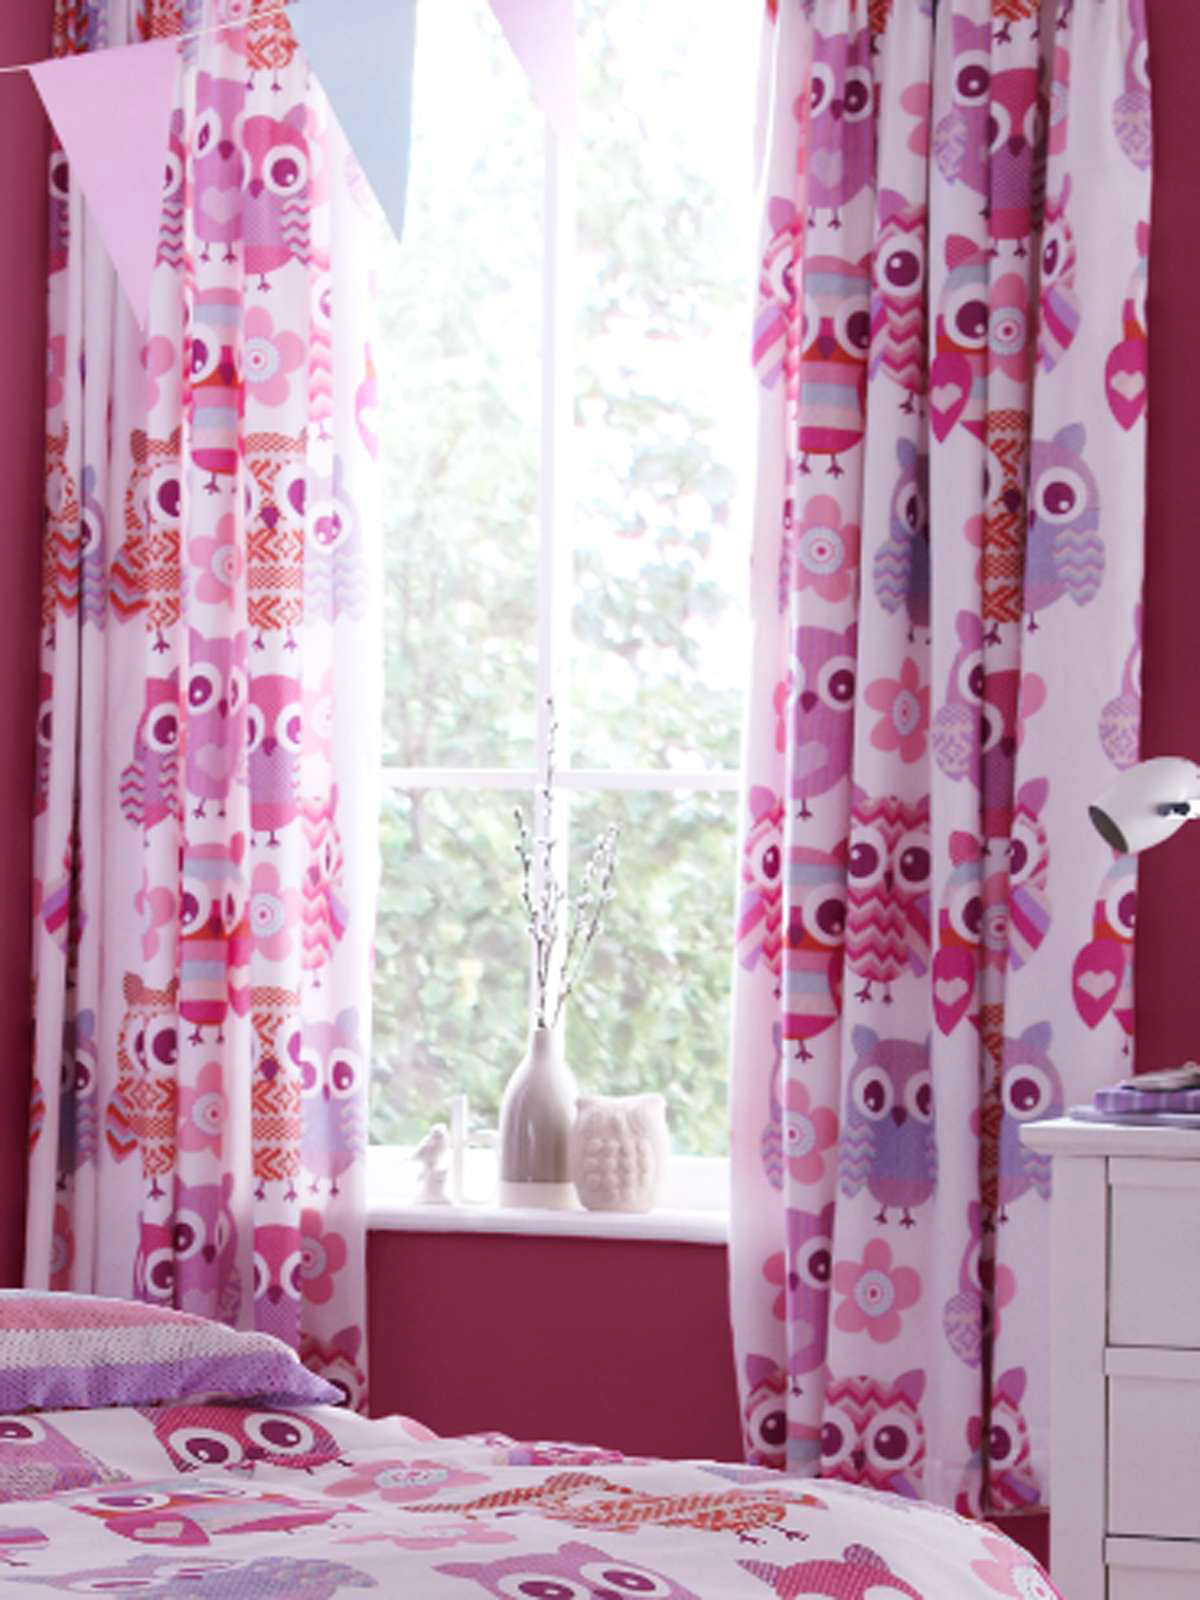 kinderzimmer gardine vorhang eule strickeffekt bettw sche. Black Bedroom Furniture Sets. Home Design Ideas